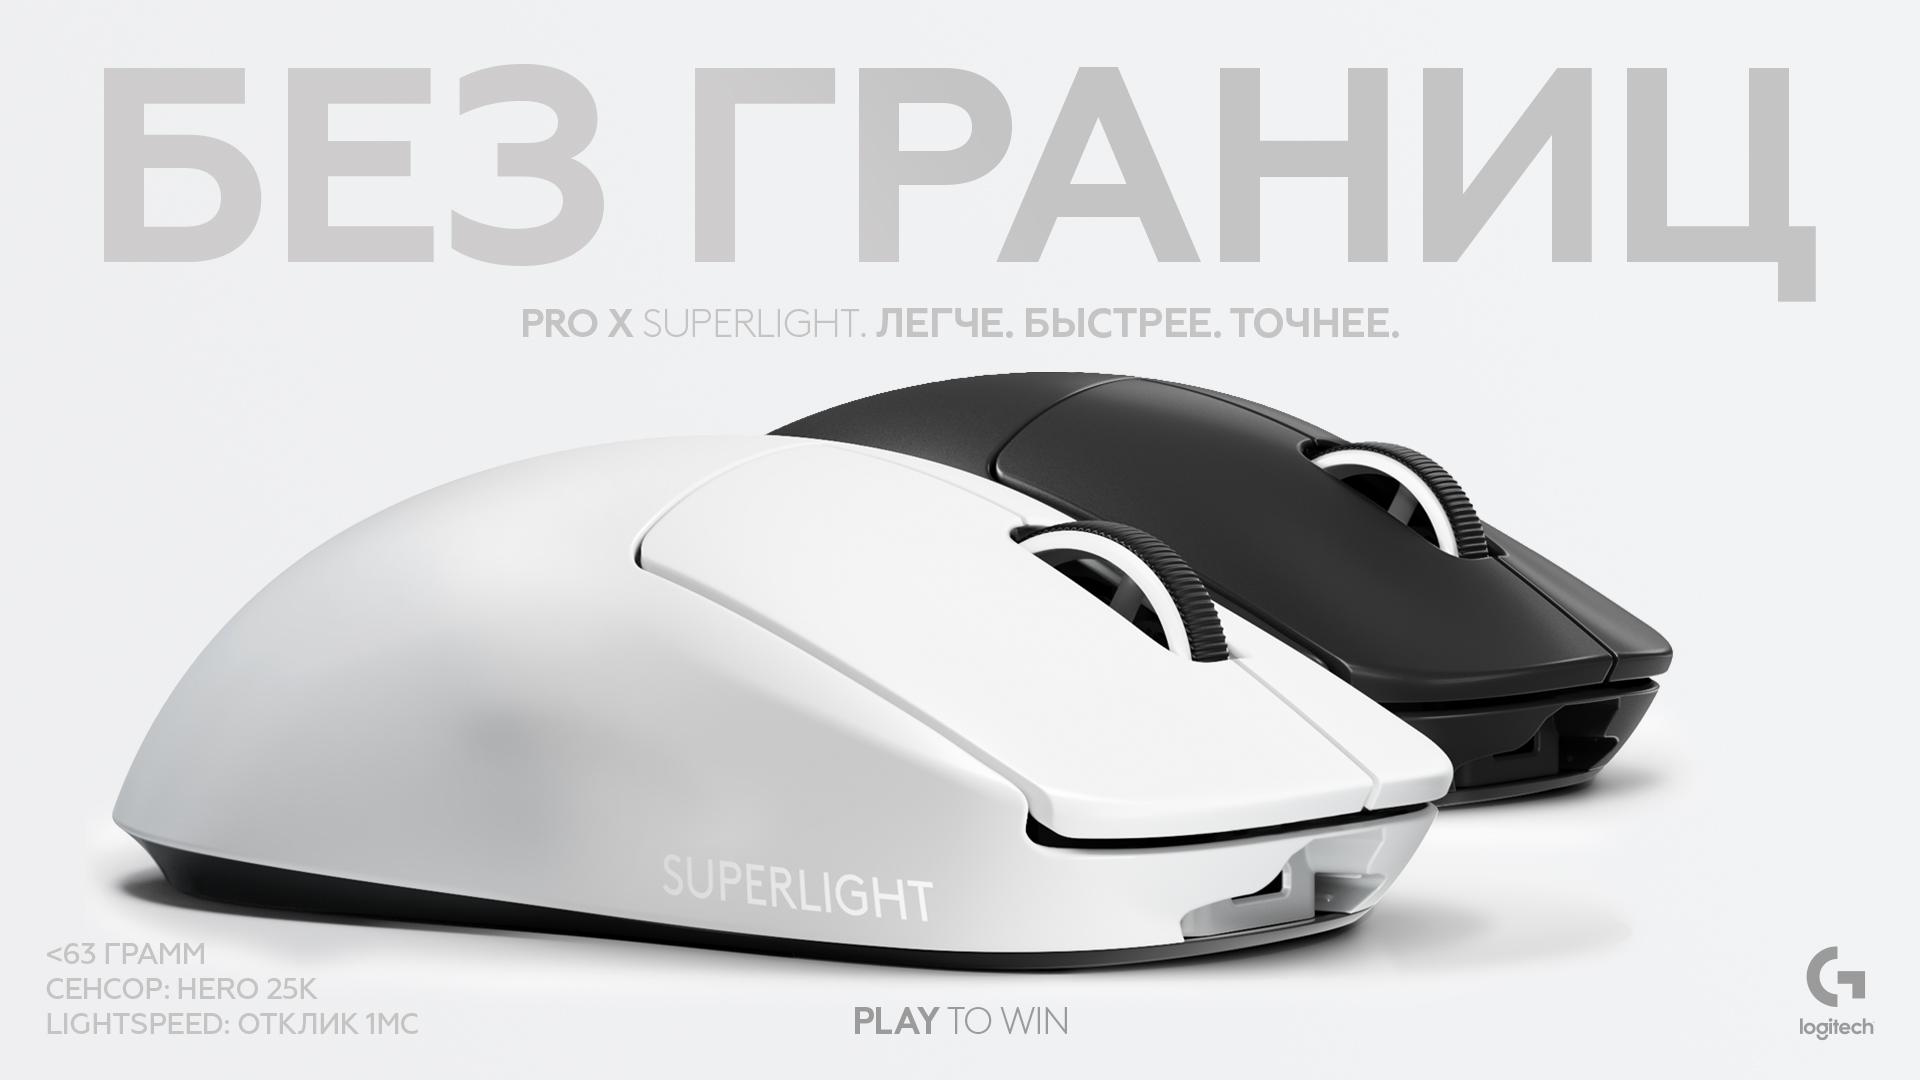 Беспроводная игровая мышь G PRO X Superlight от Logitech